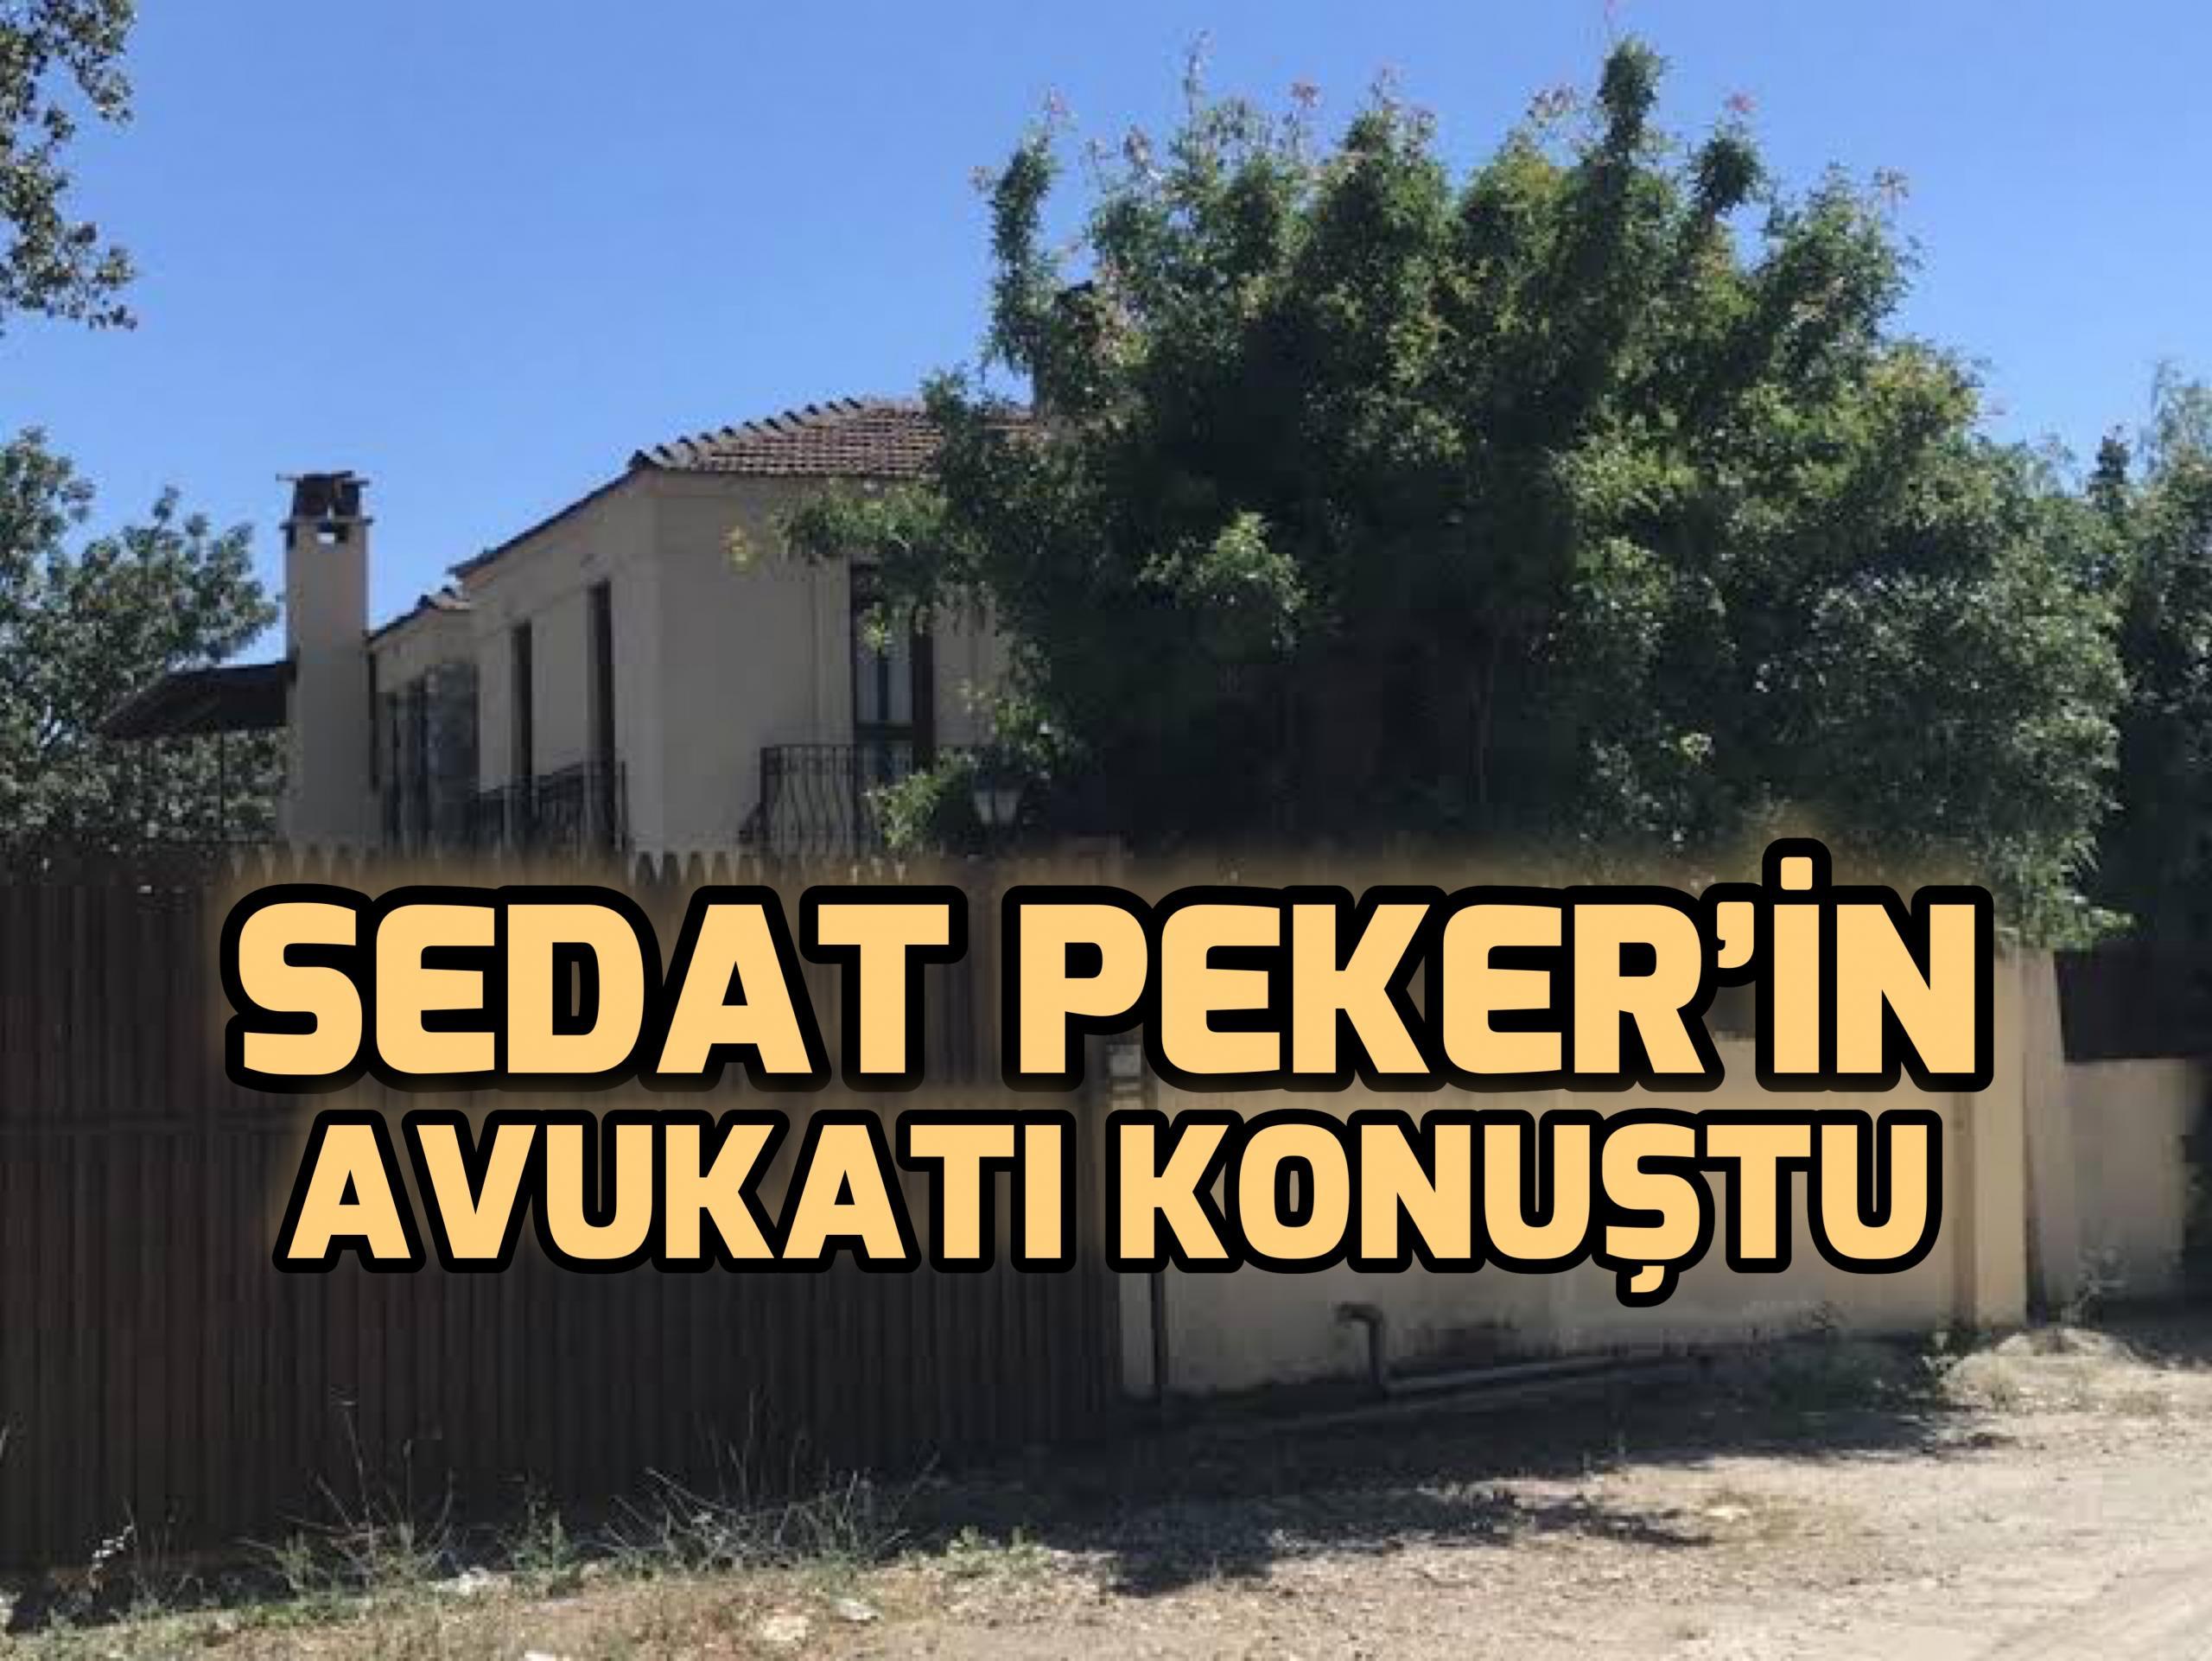 Sedat Peker'in Avukatları konuştu